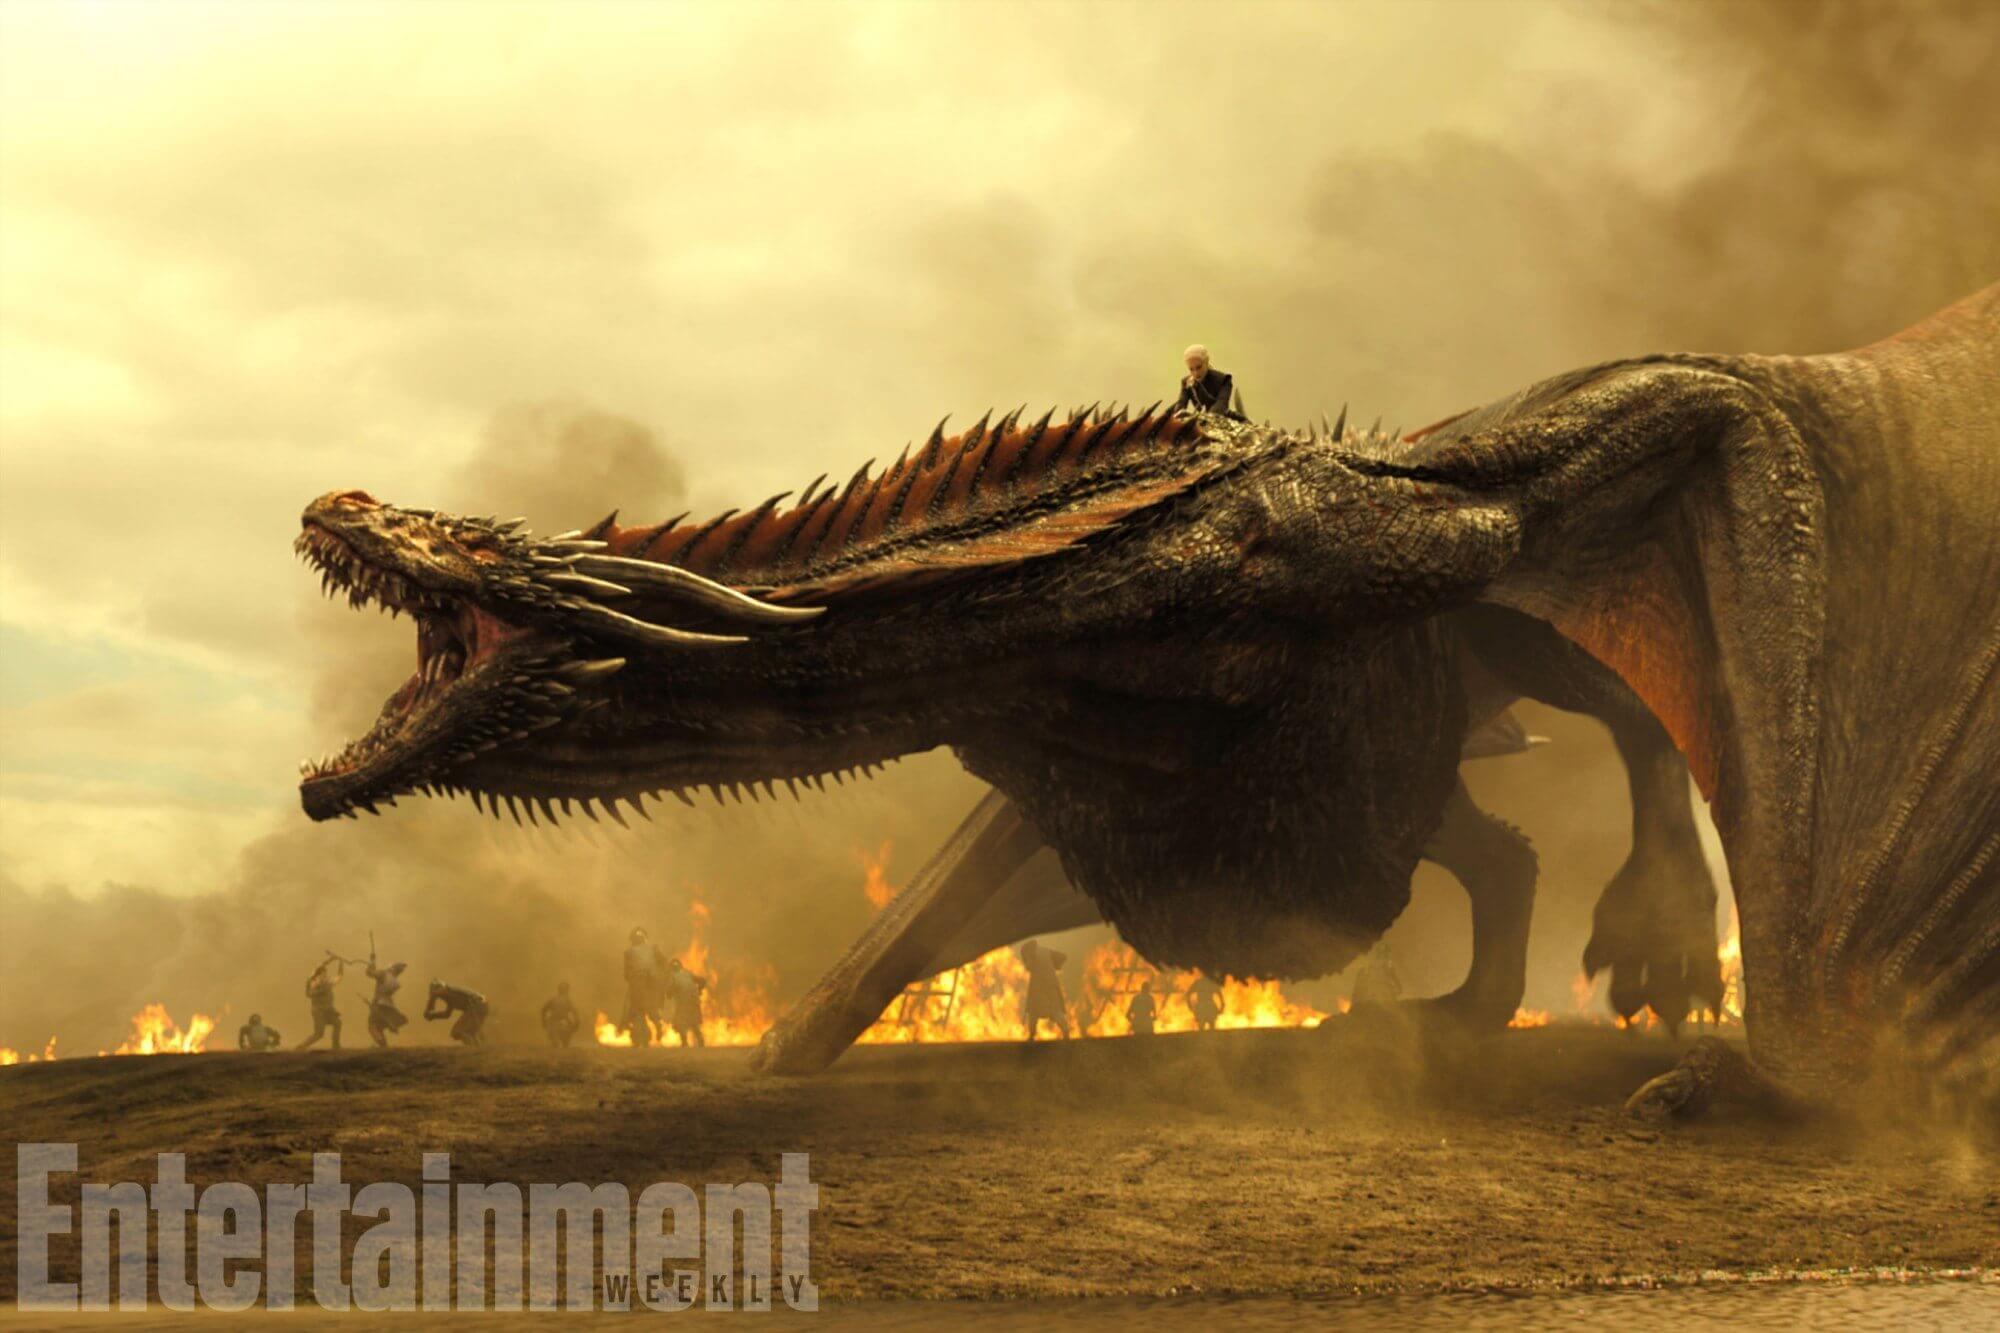 000256576 - Dragões e bastidores da próxima temporada de Game of Thrones